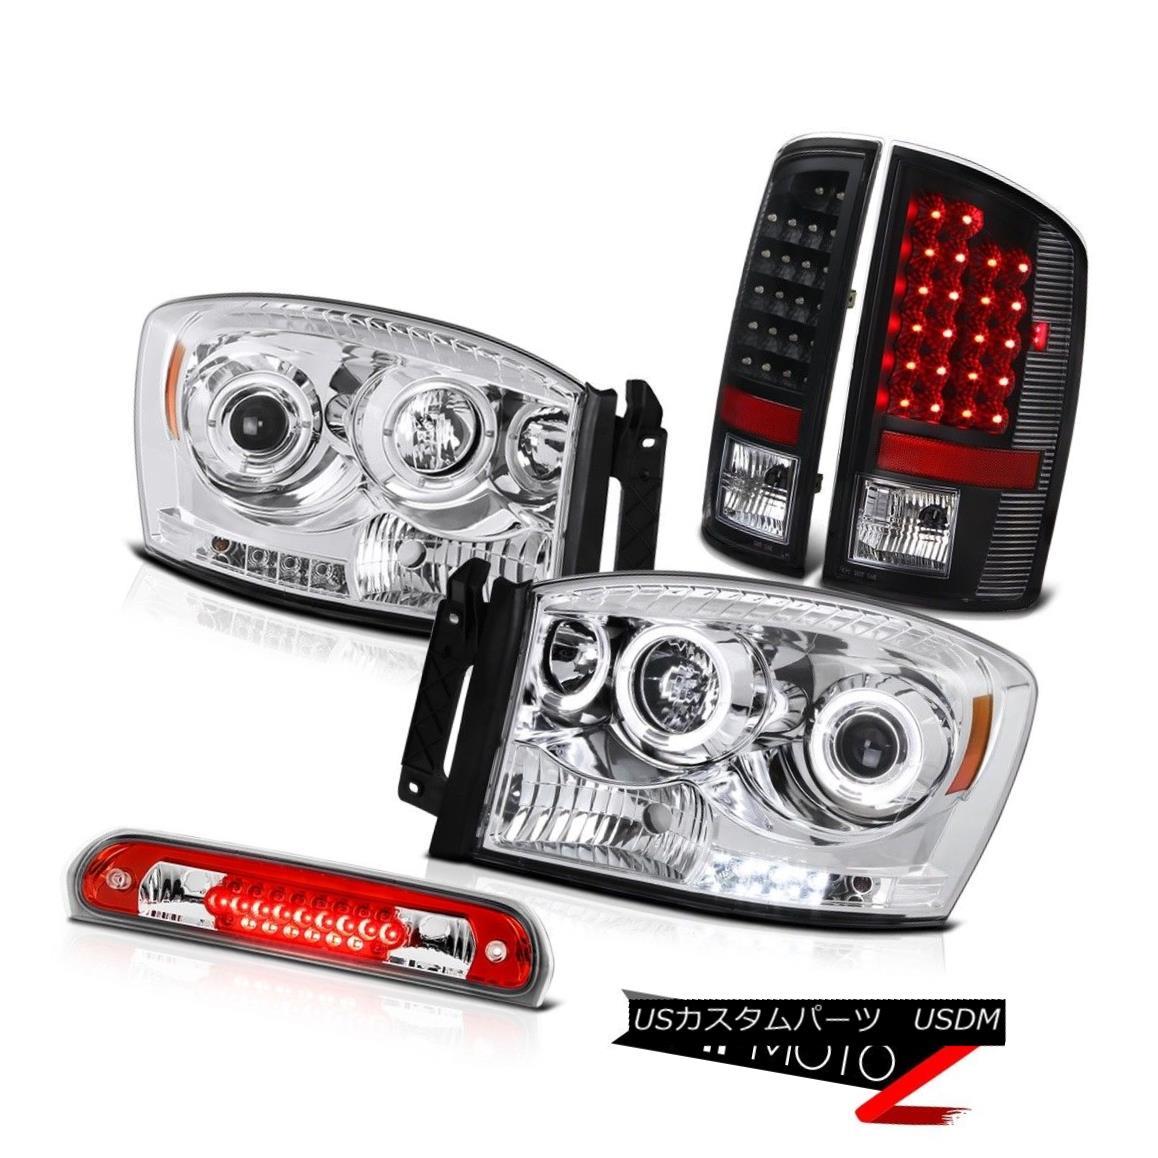 テールライト Chrome Halo LED Headlights Black Taillamps High Brake Cargo 07 08 Dodge Ram ST クローム・ハローLEDヘッドライトブラック・タイルランプハイブレーキ・カーゴ07 08ドッジ・ラムST